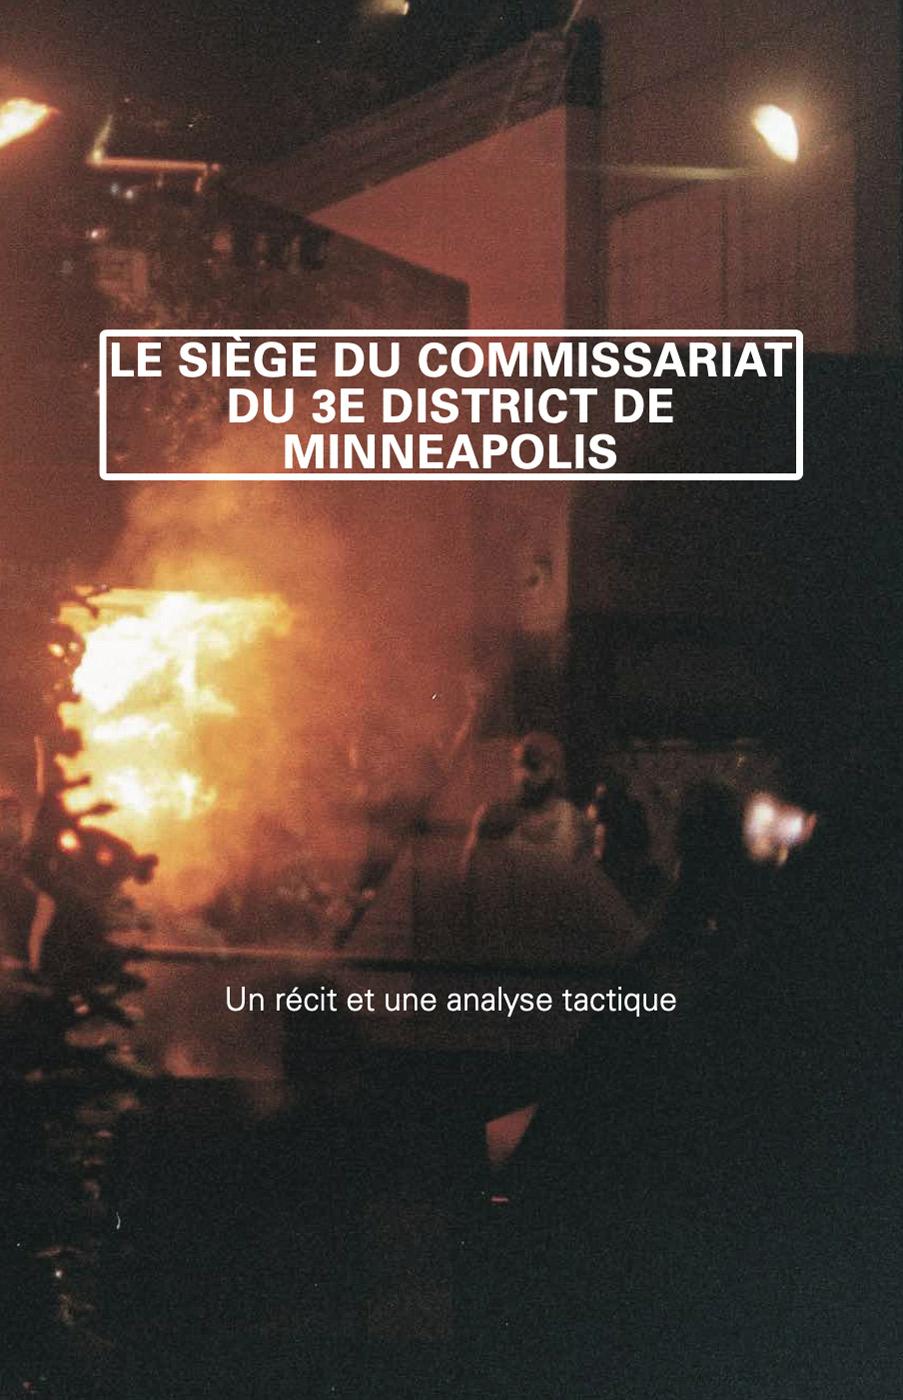 Photo of 'Le siège du commissariat du 3e district de Minneapolis' front cover